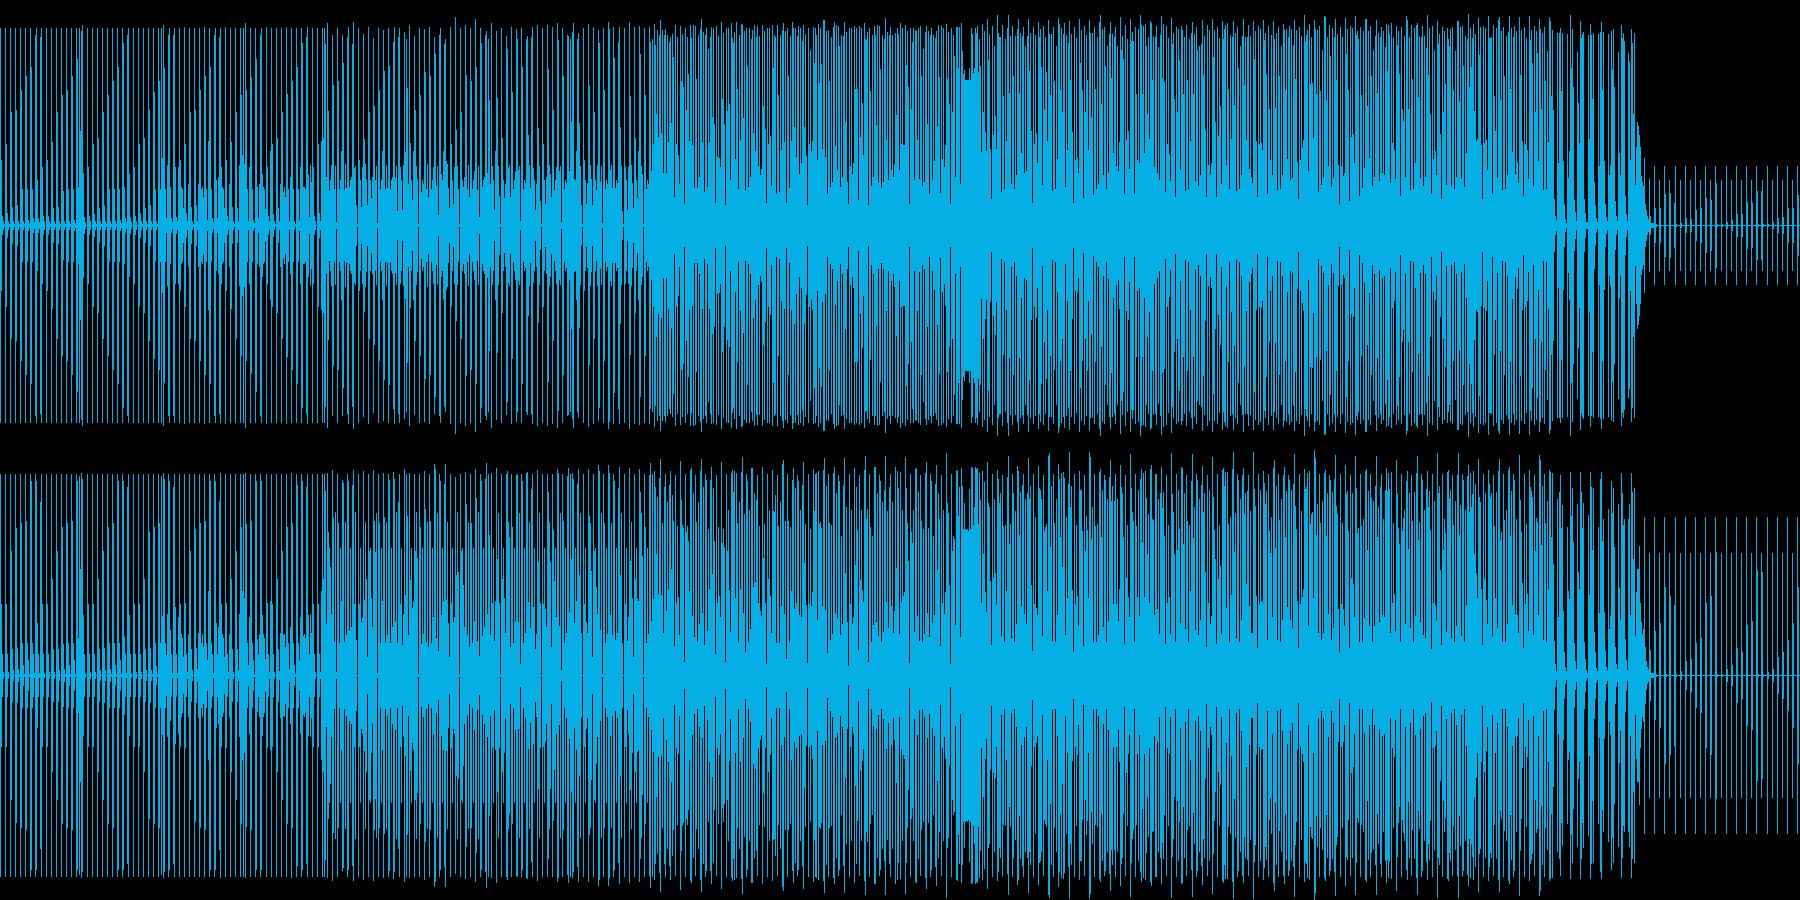 実験、パフォーマンス、紹介コーナー、の再生済みの波形